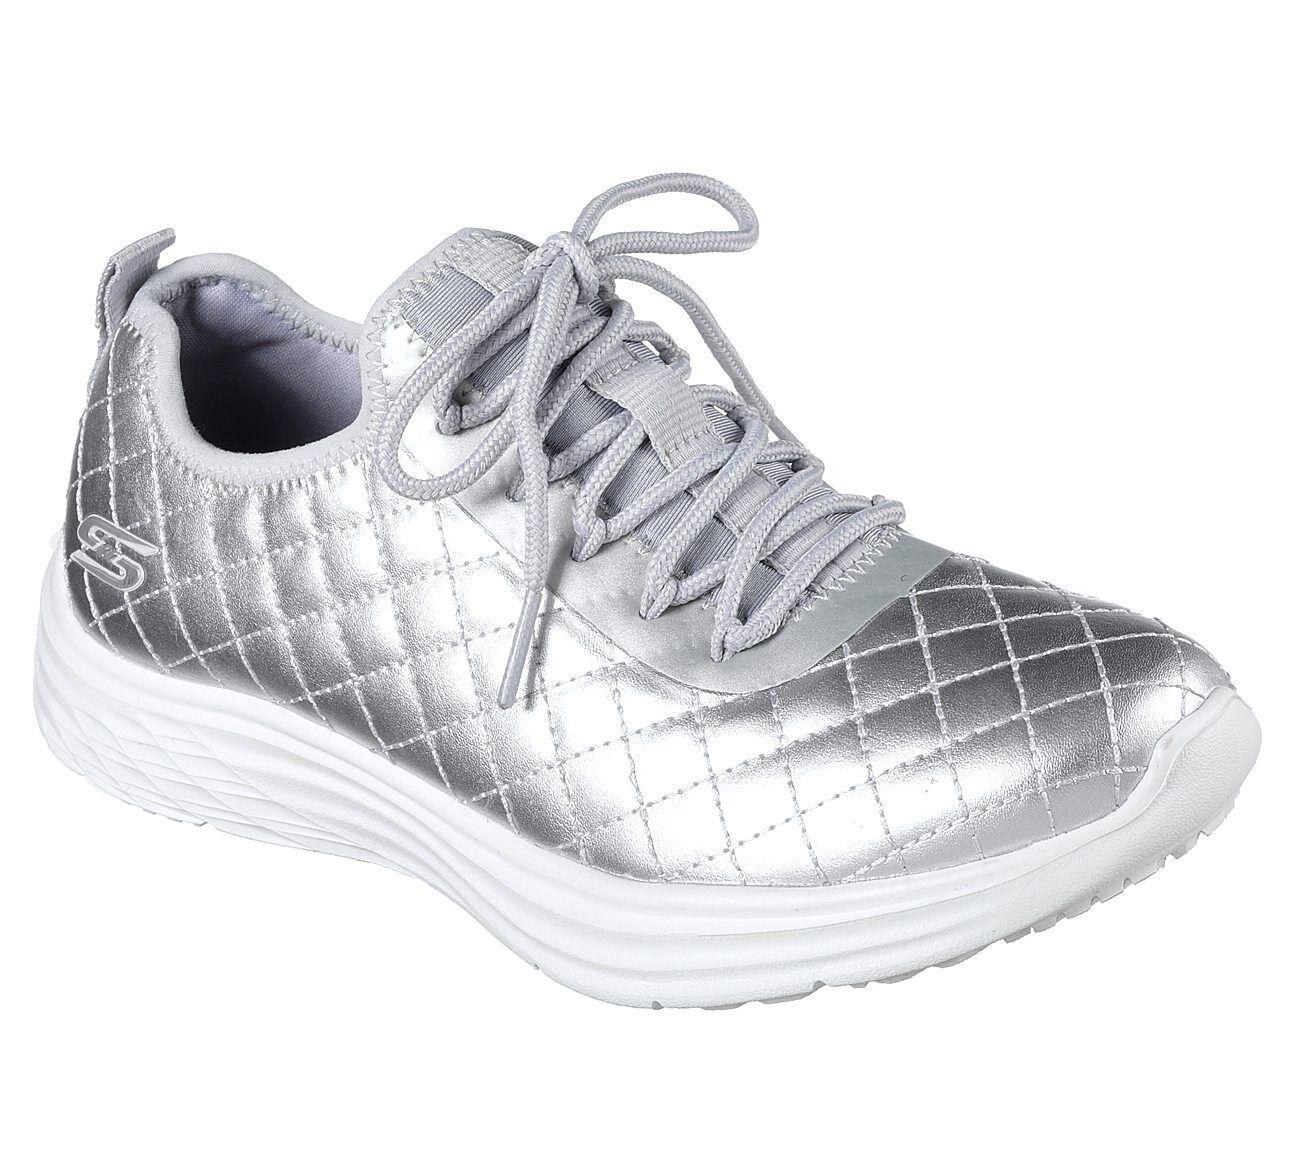 Skechers Damen Bobs Swift Social Hustle Sneaker, Silber